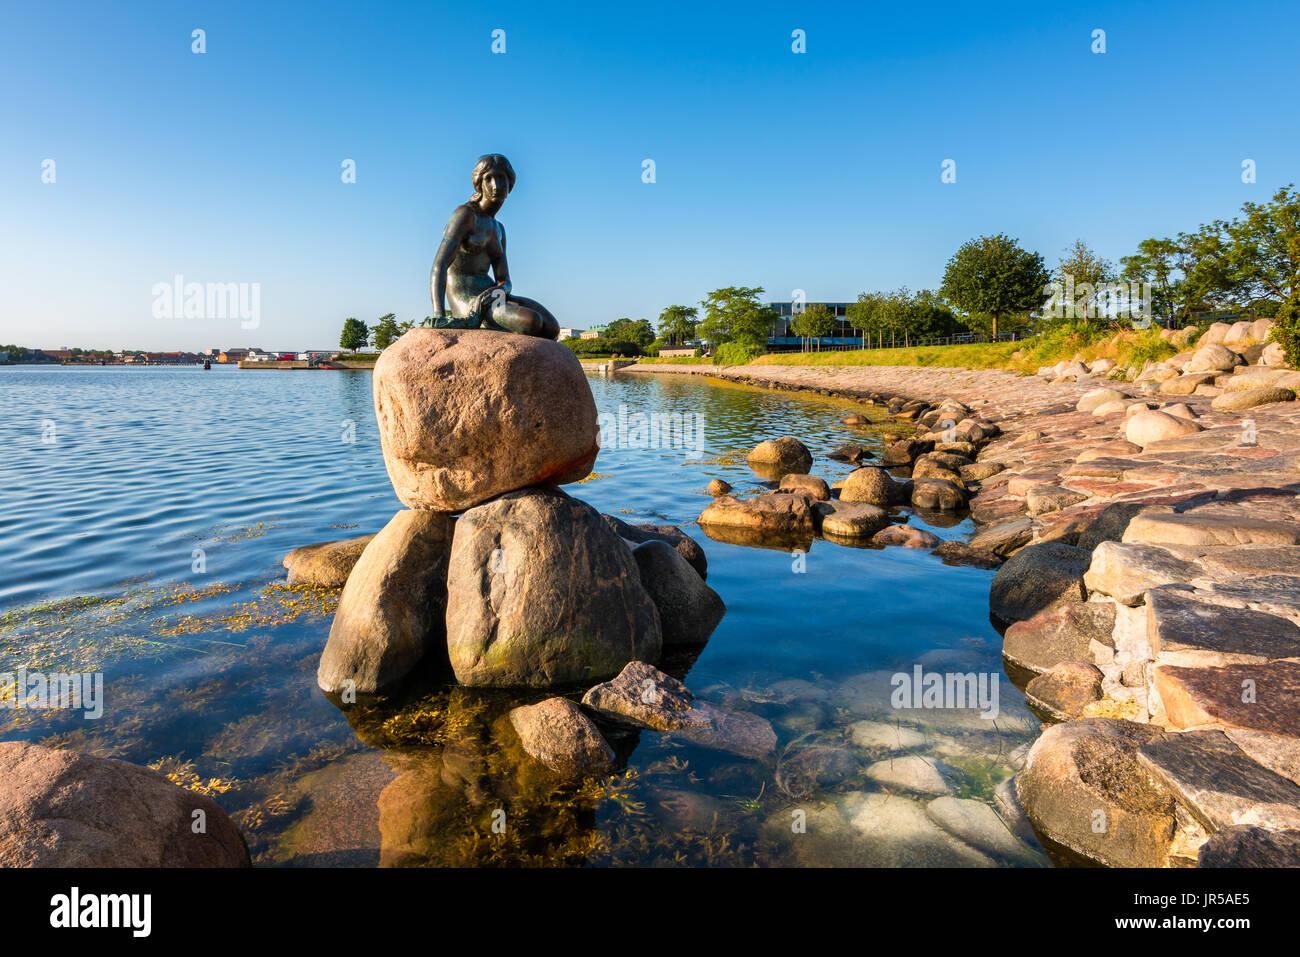 La famosa Sirenita en el puerto de Copenhagen, Dinamarca Foto de stock